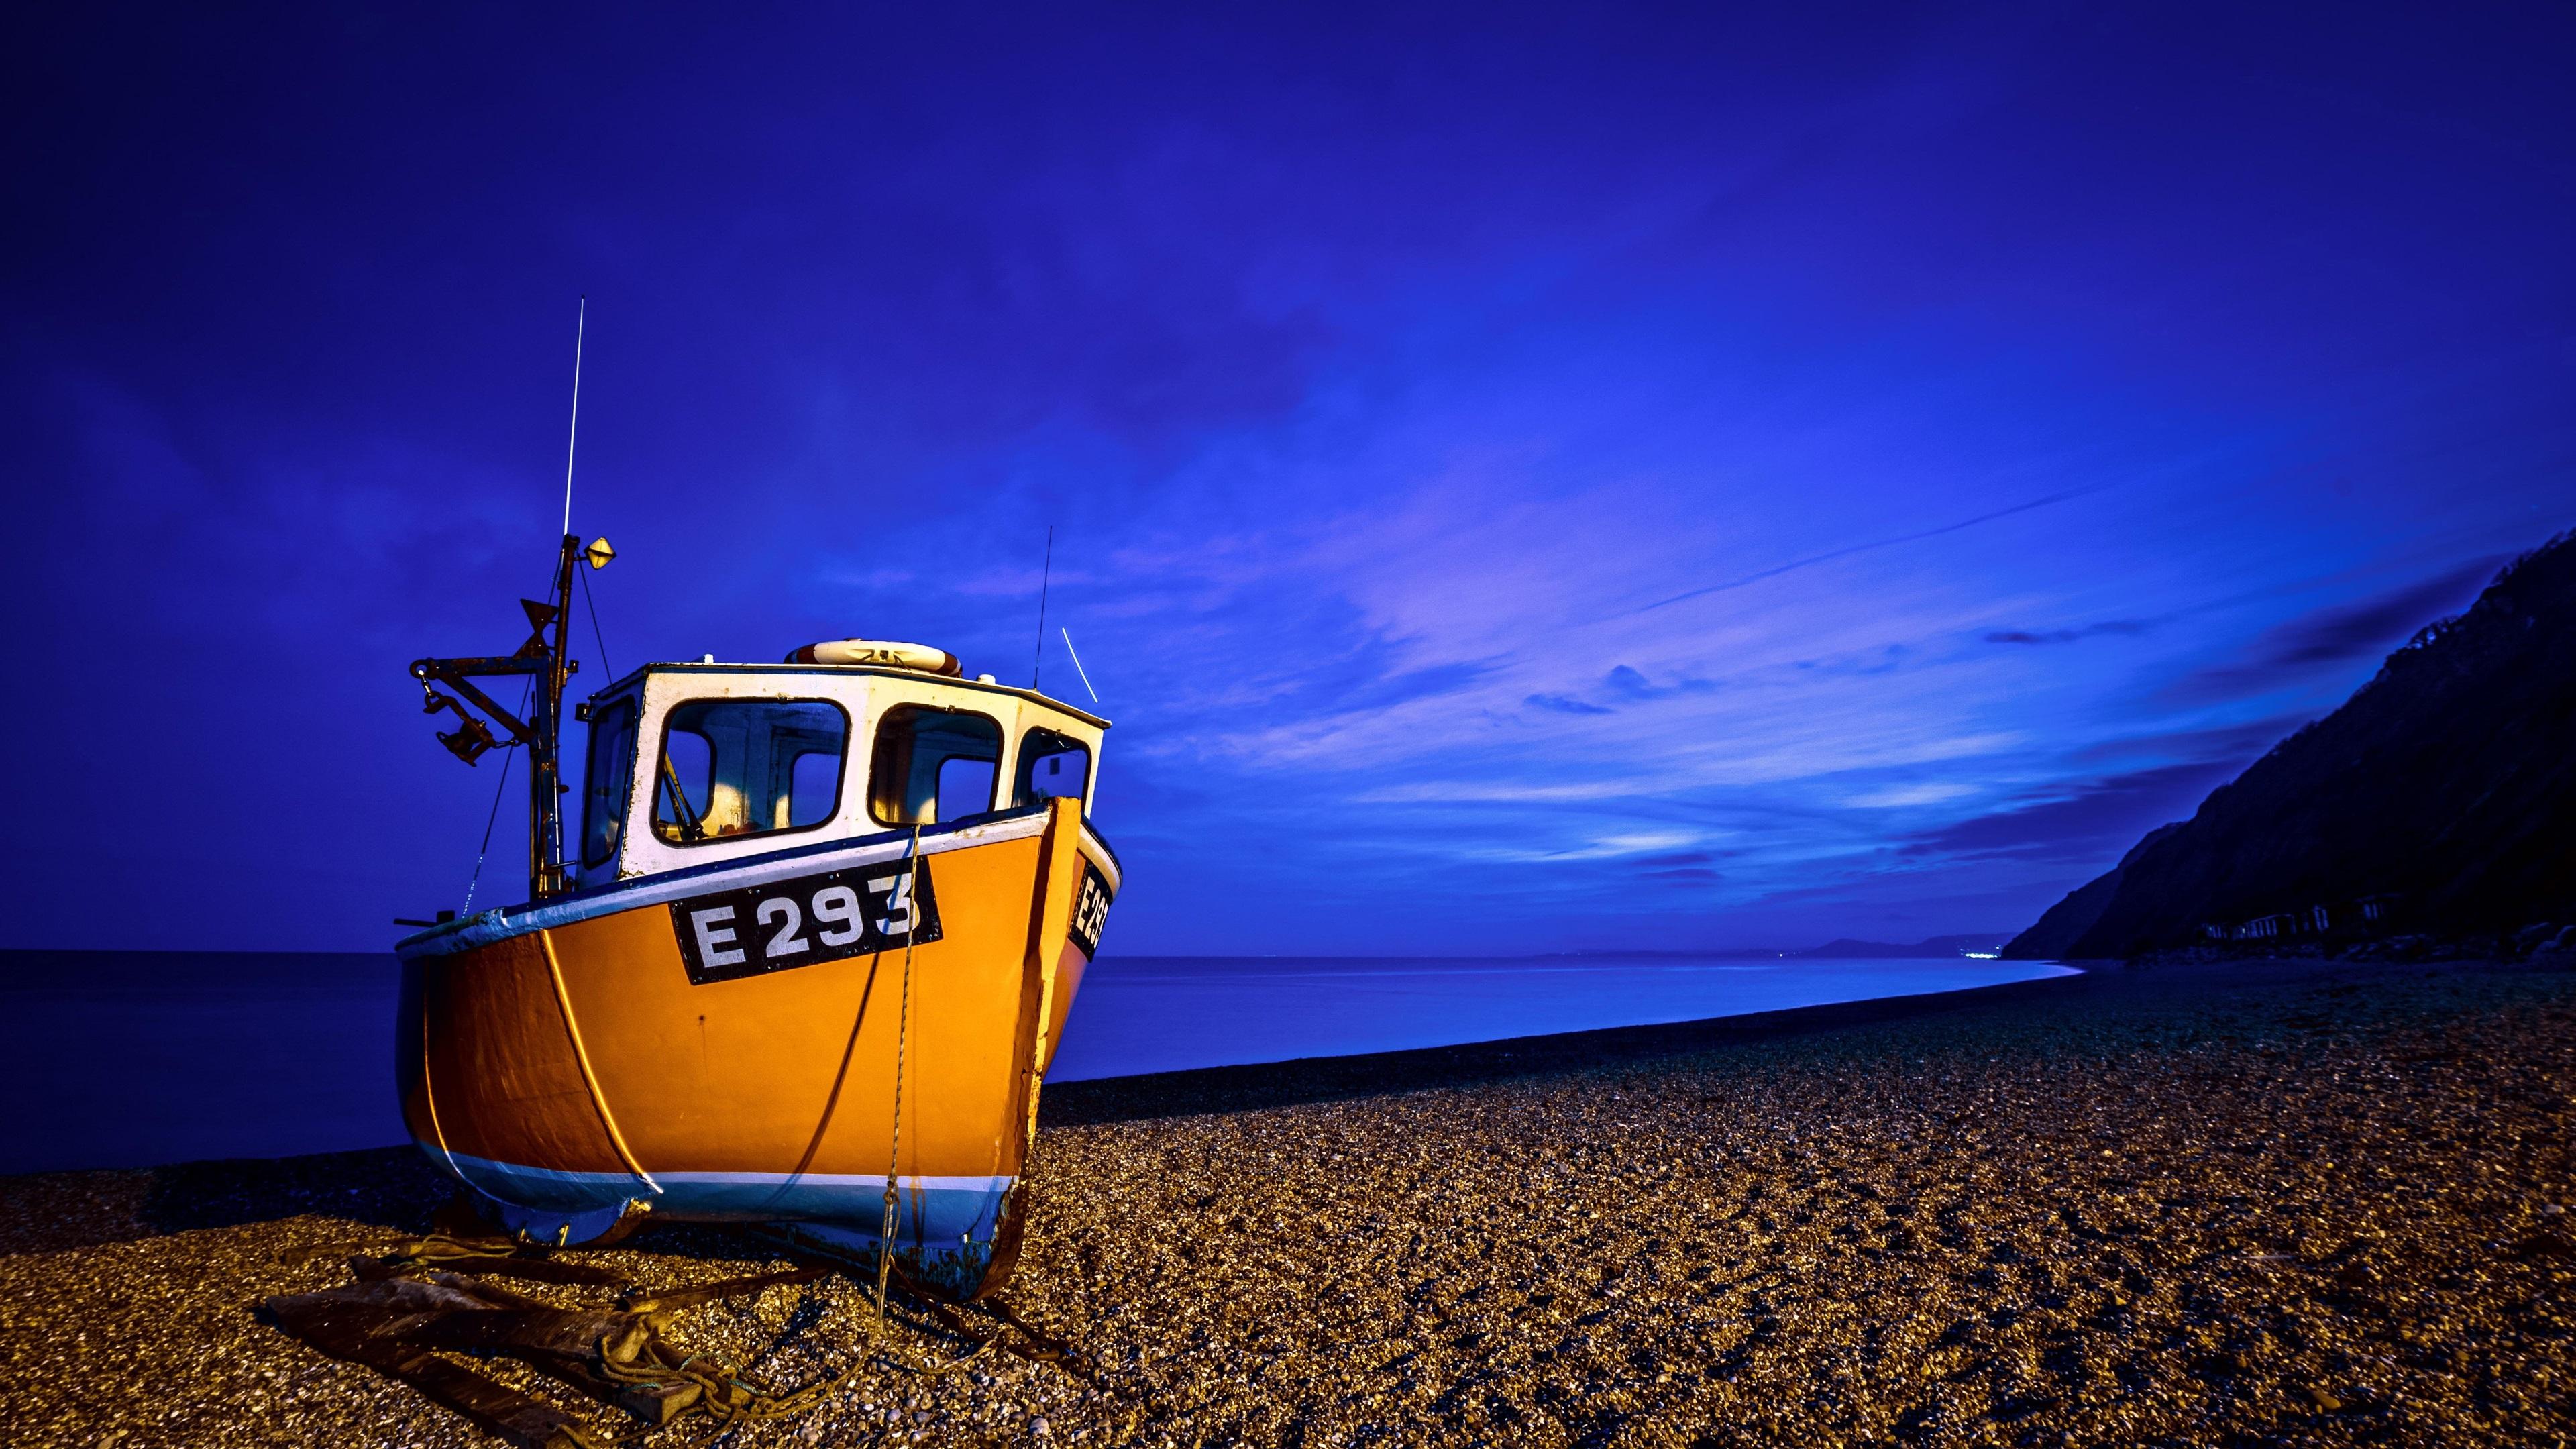 Wallpaper Boat Sea Coast Blue Night 3840x2160 UHD 4K Picture Image